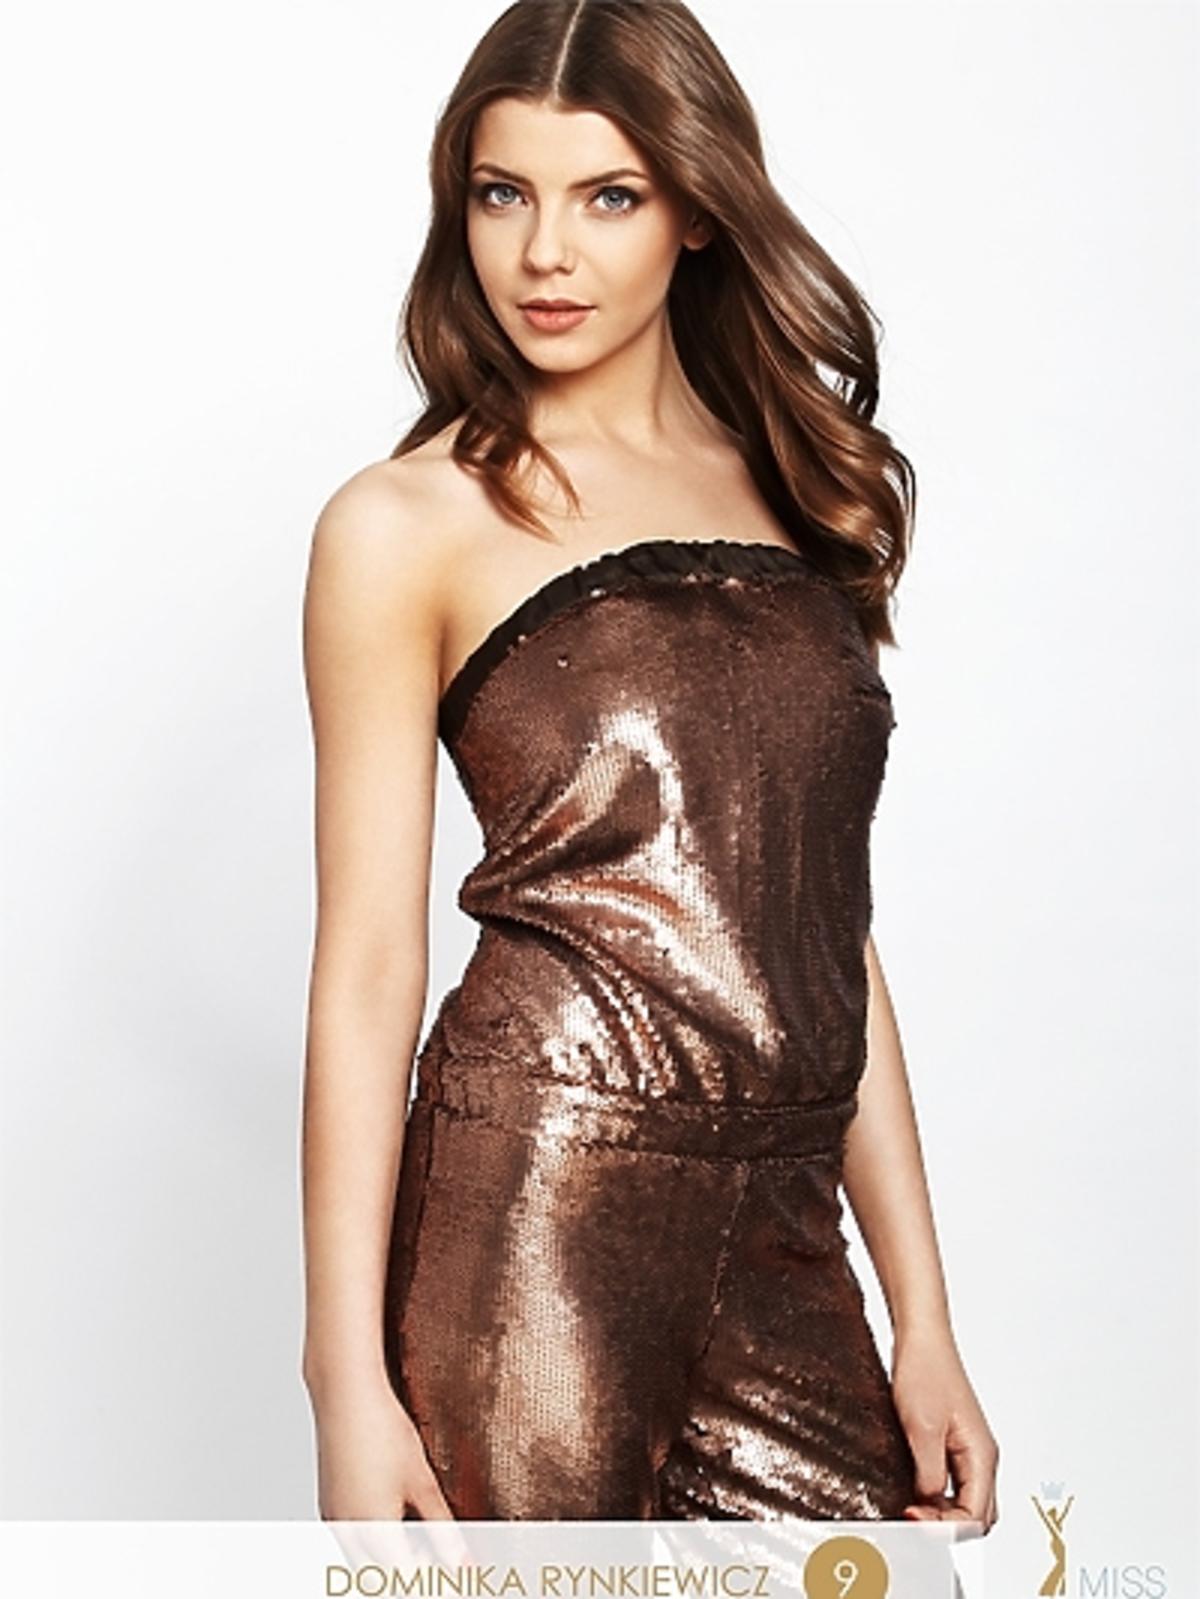 Dominika Rynkiewicz - kandydatka do tytułu Miss Polonia 2012